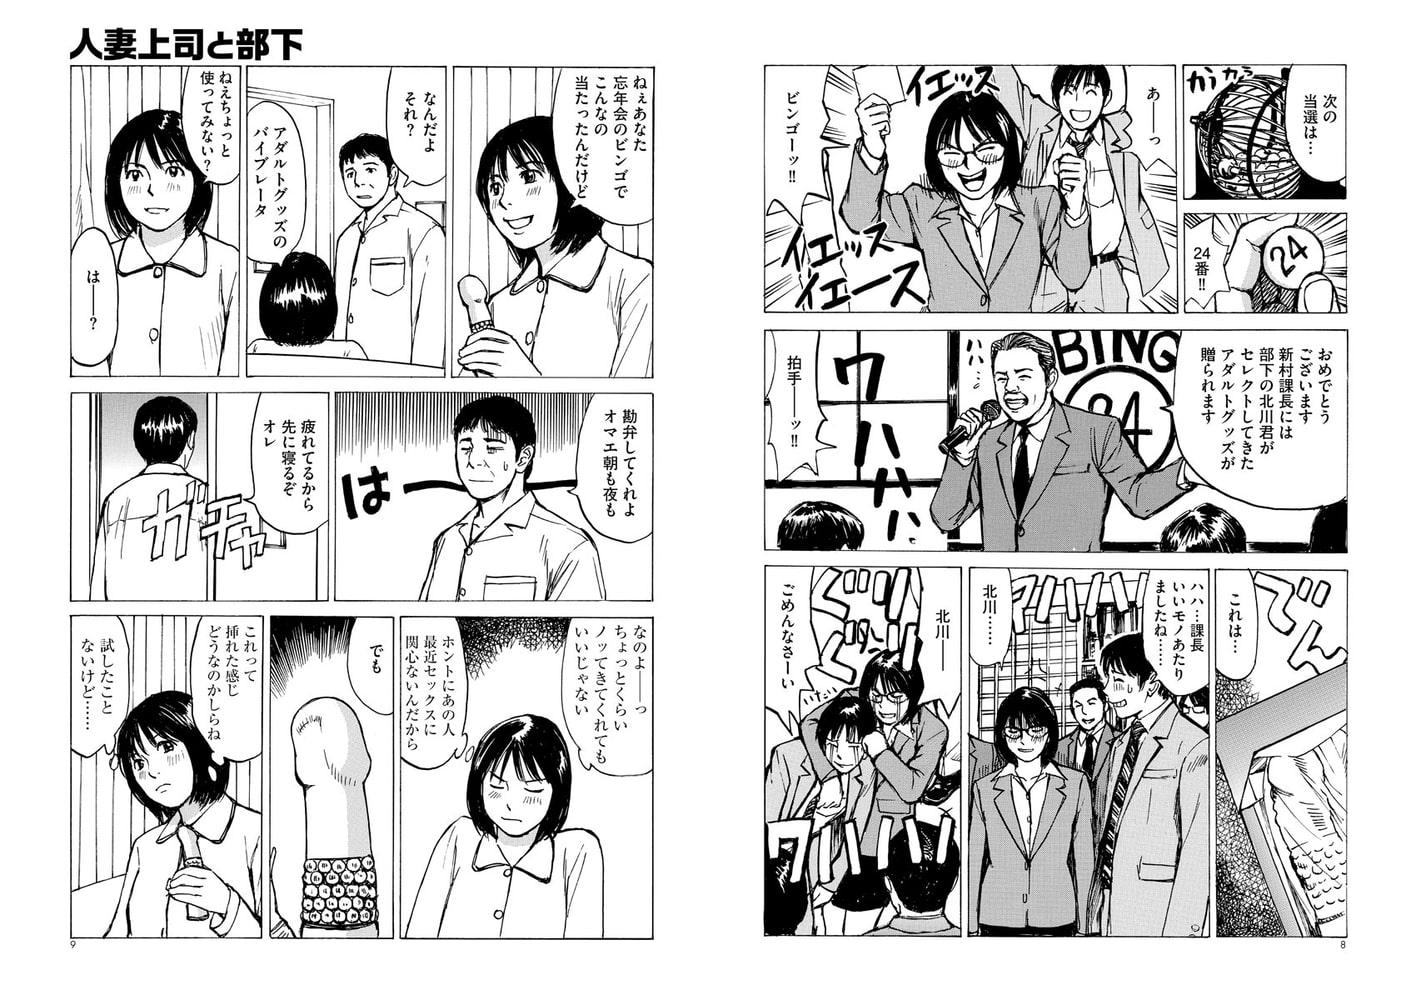 漫画人妻本当にあったHな話 Vol.3